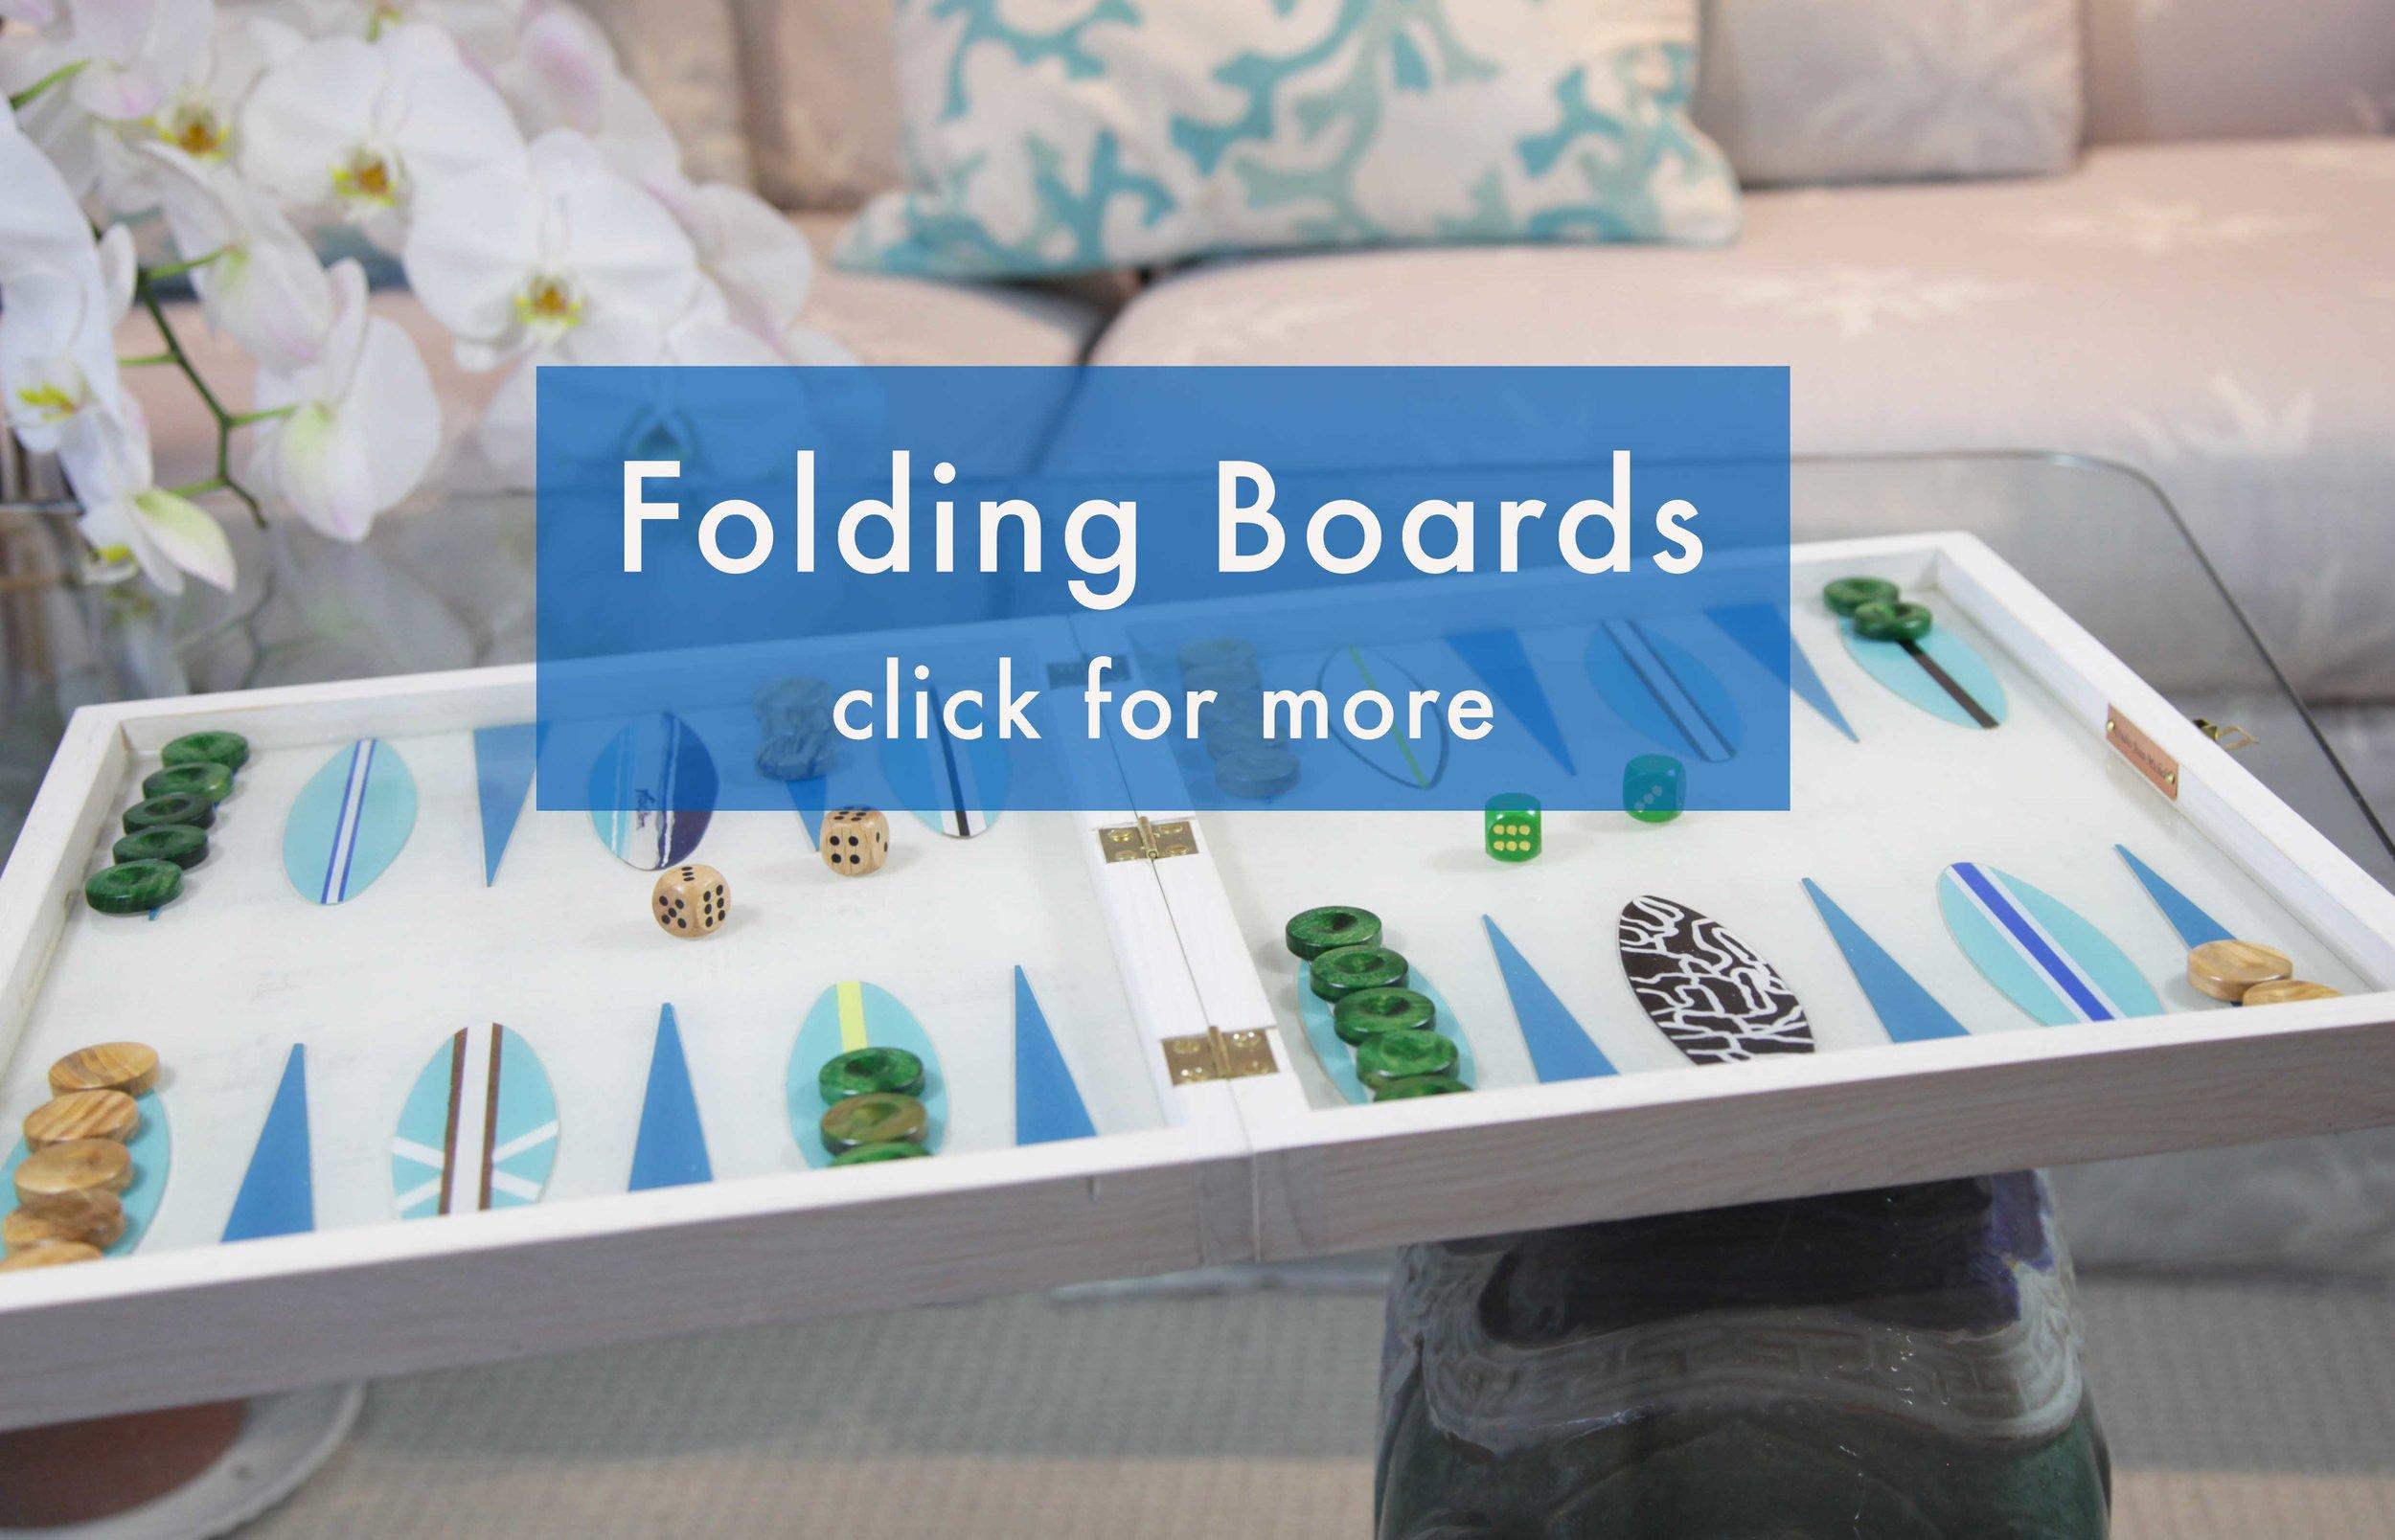 foldingboardhero.jpg